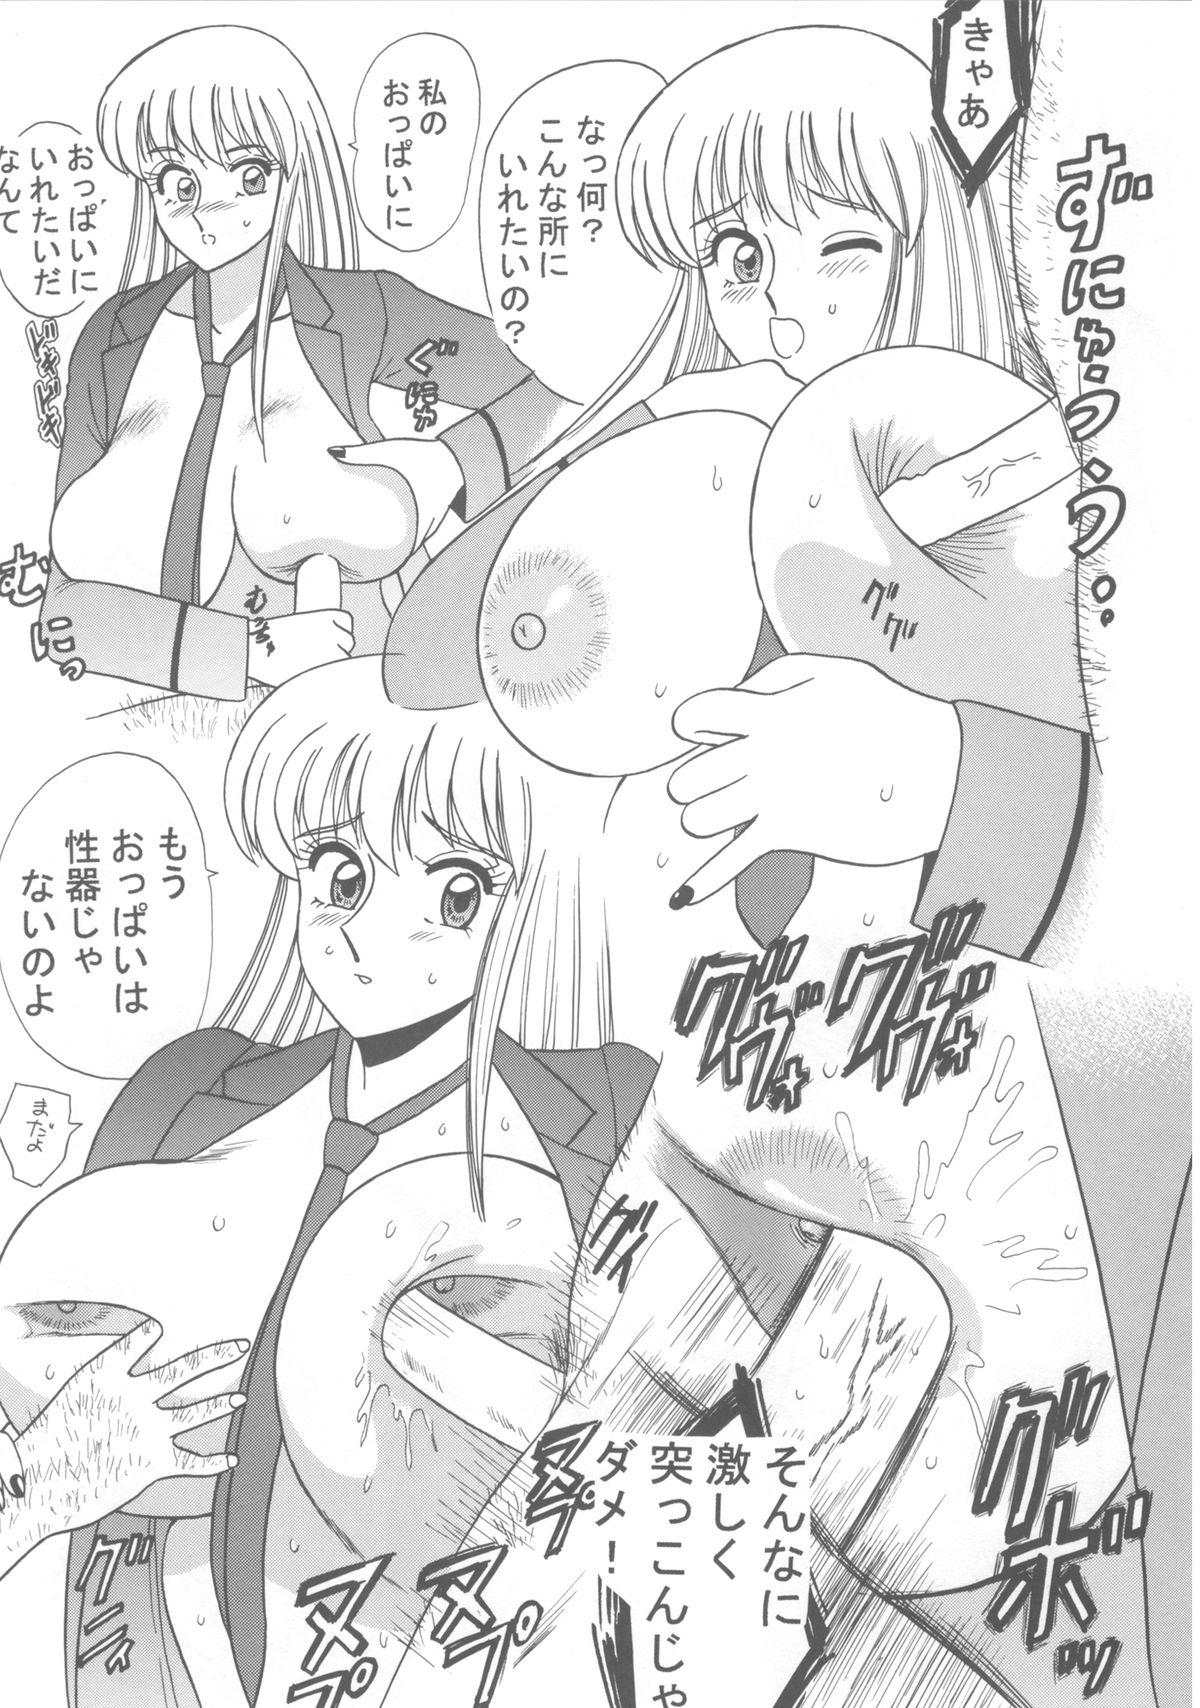 Sexy Police Woman Tokubetsu Henshuuhan 23